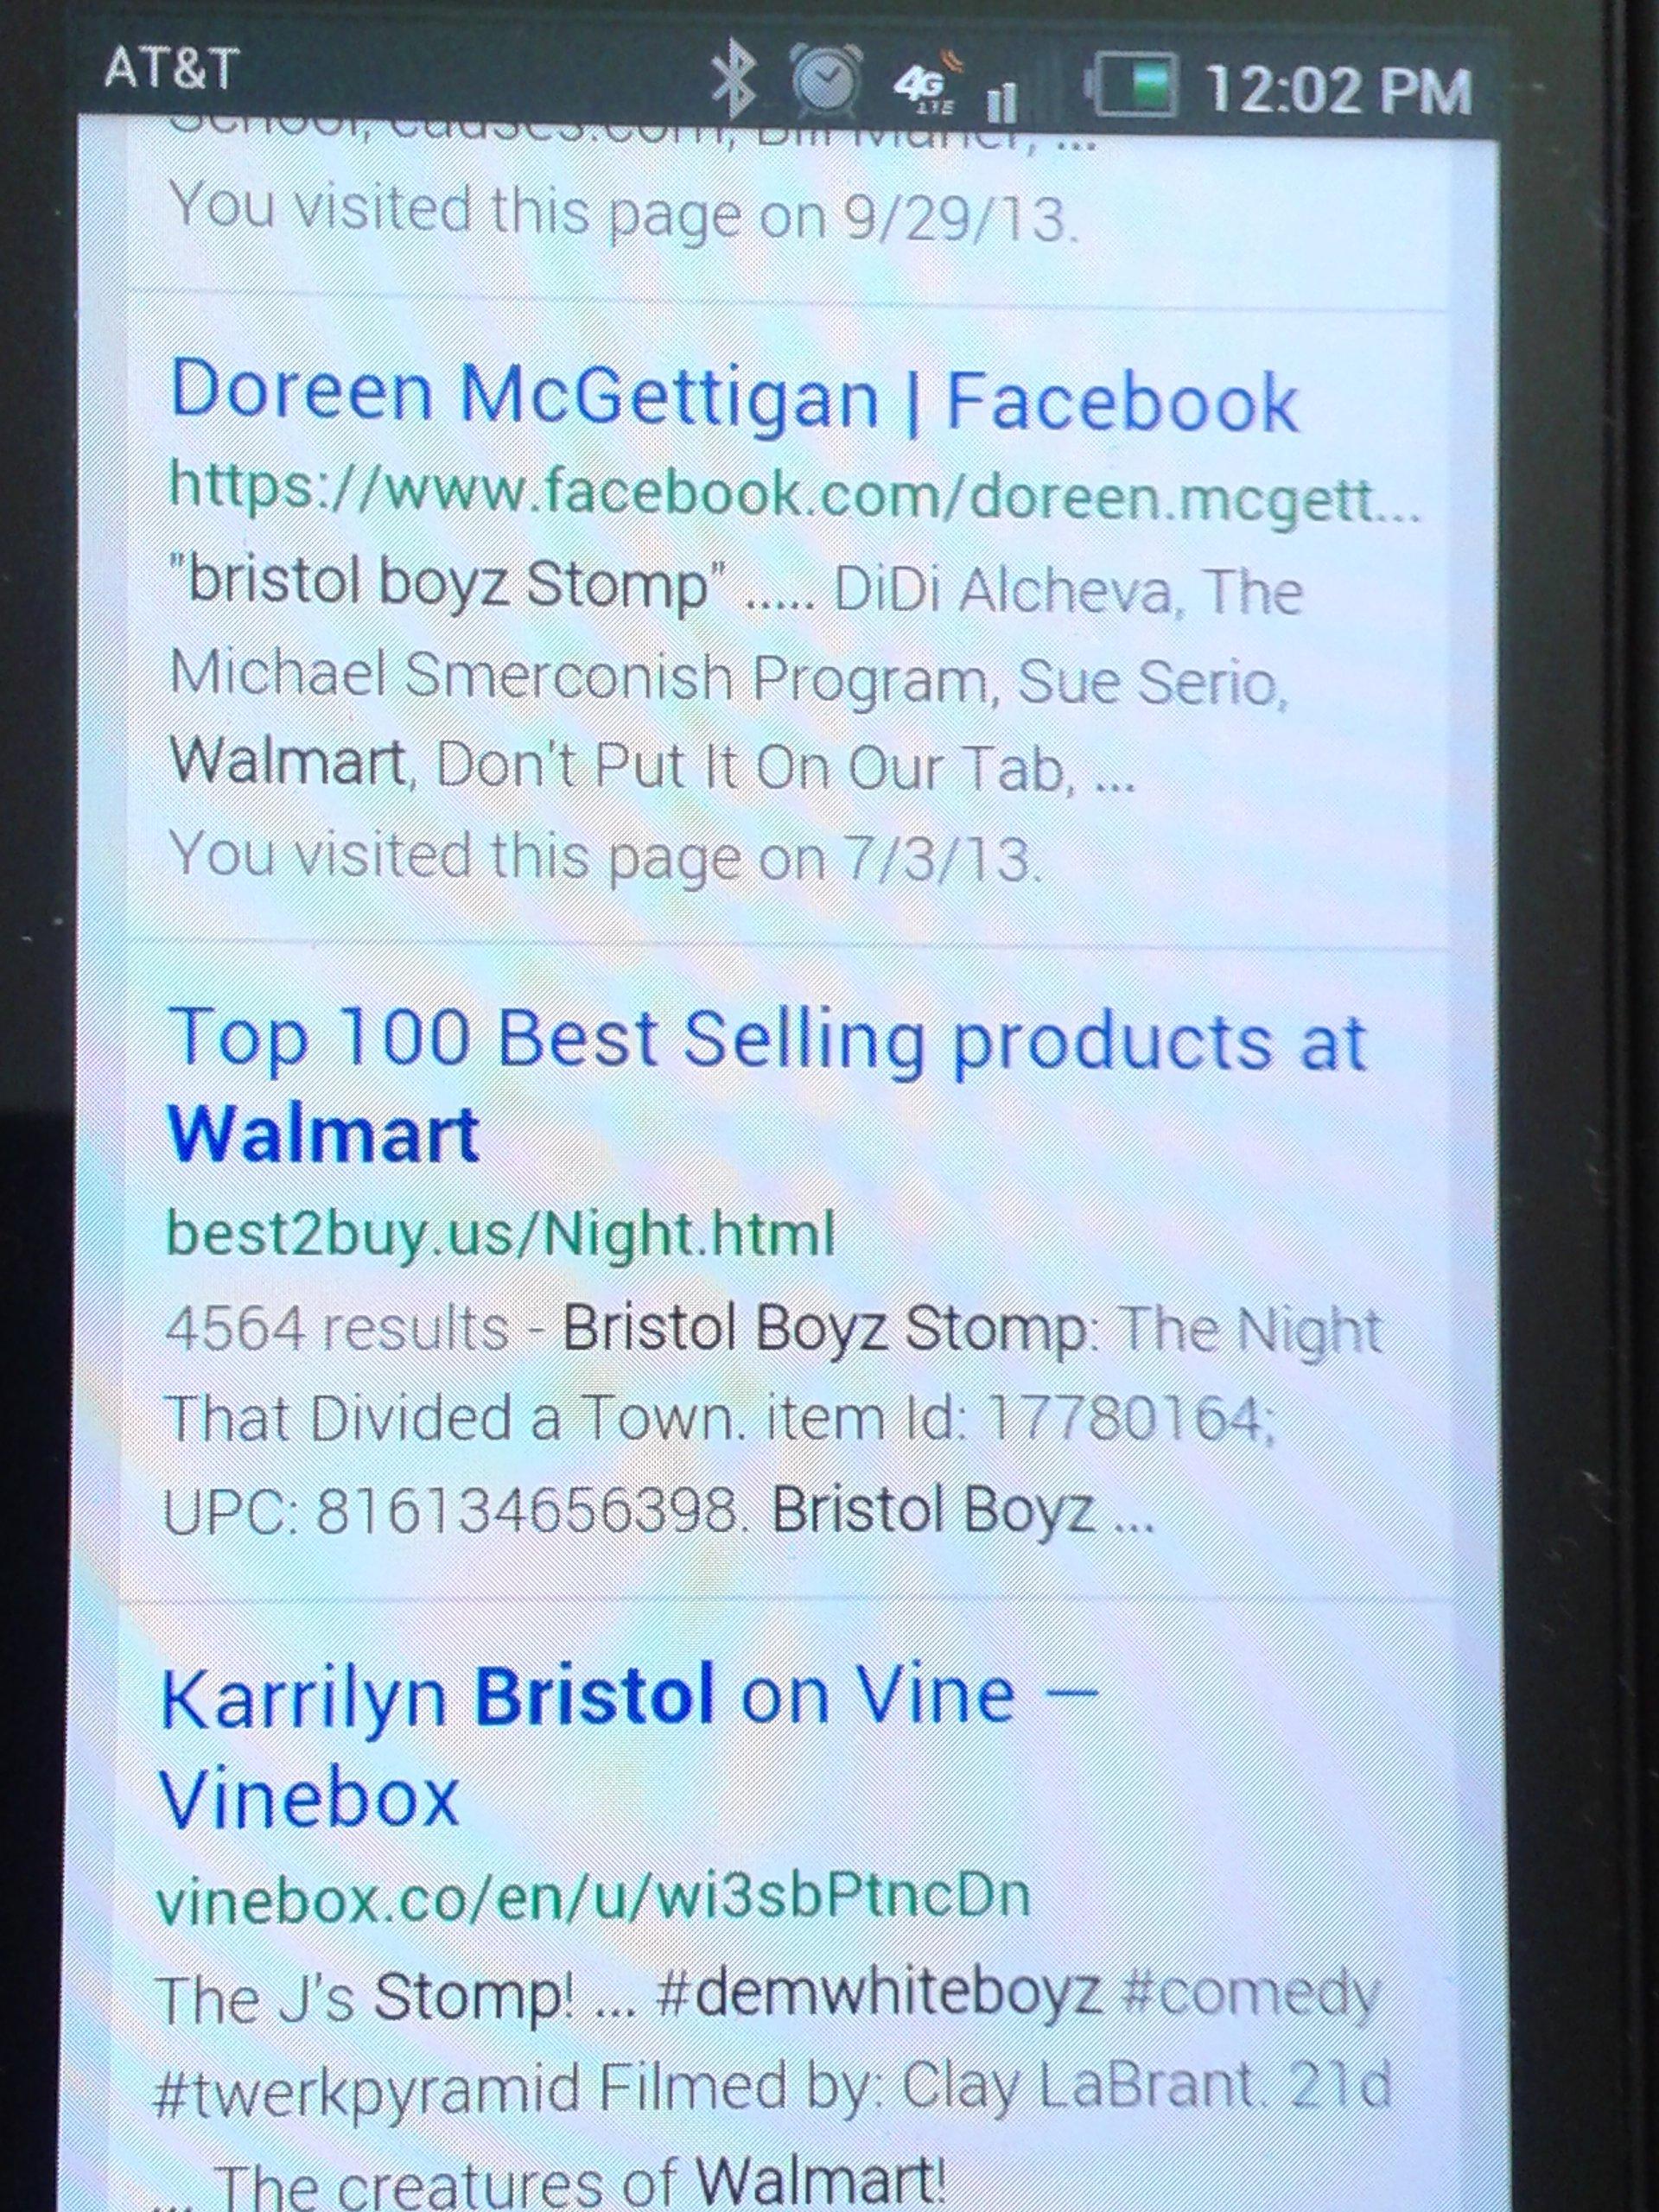 Walmart Top 100